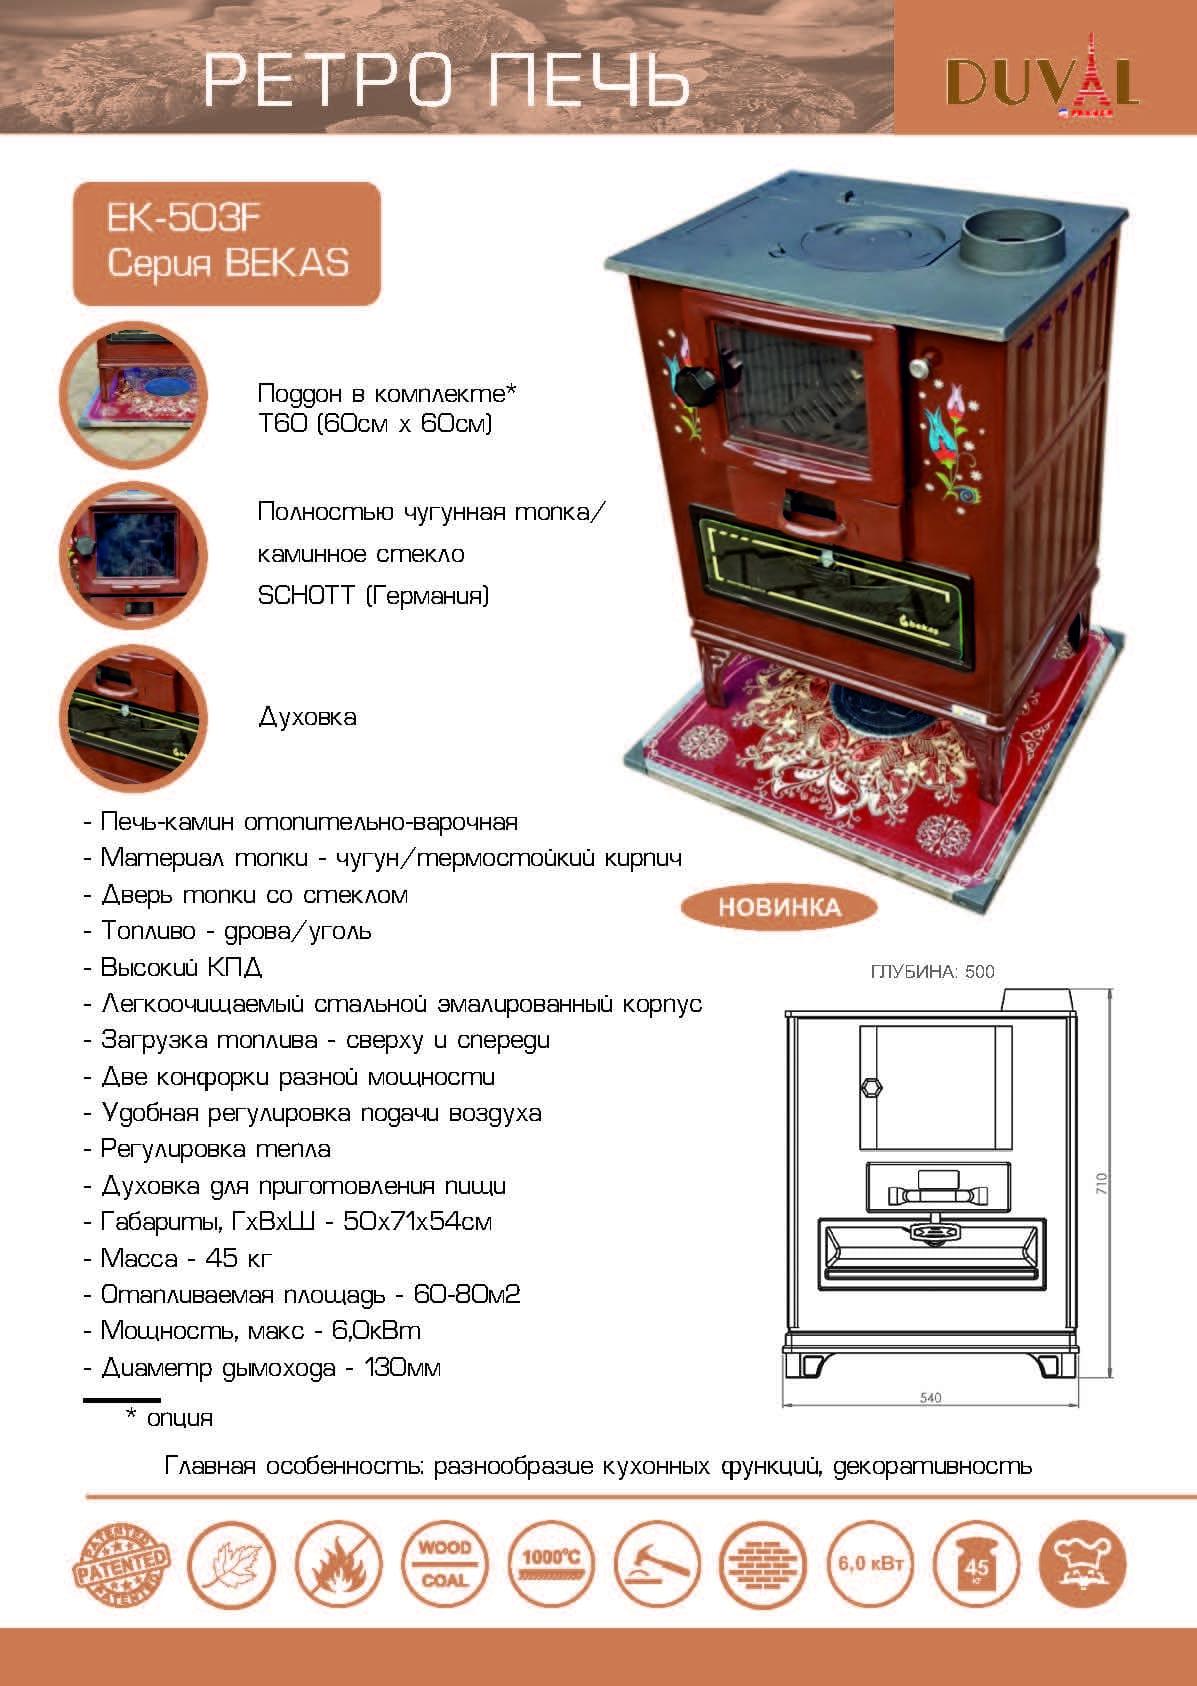 дюваль EK-503F